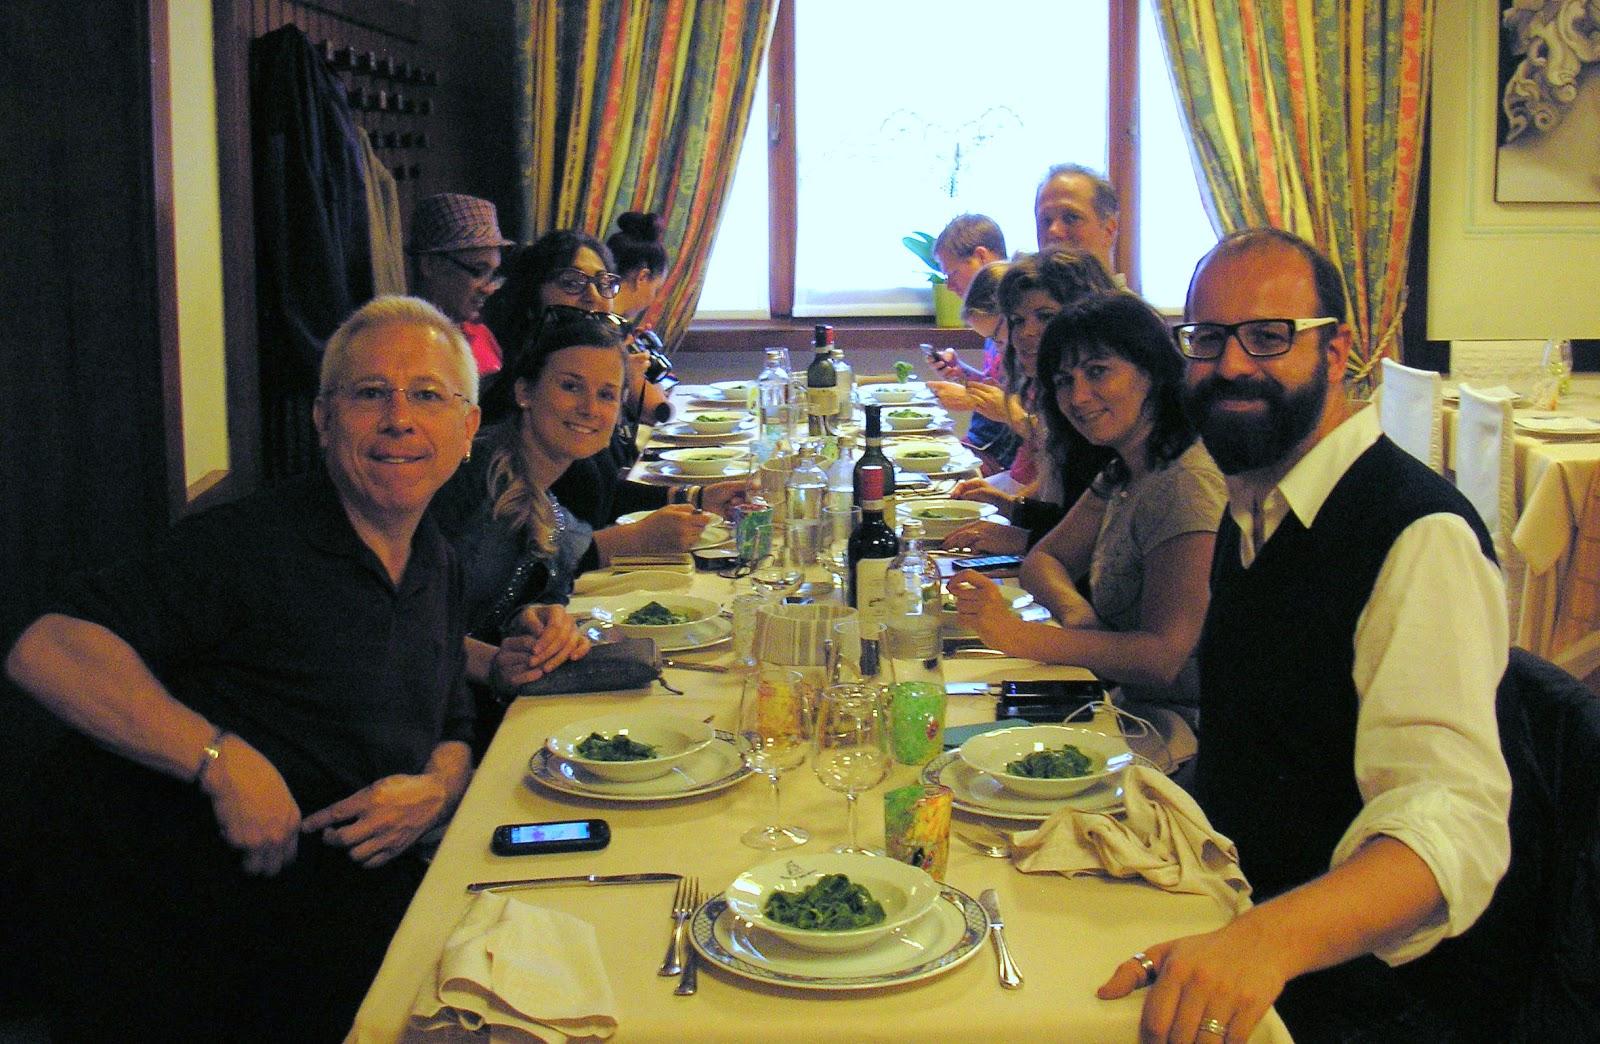 Tortellini feast at Ristorante Alla Borsa in Valeggio sul Mincio. Photo: Valeggio sul Mincio Tourism.